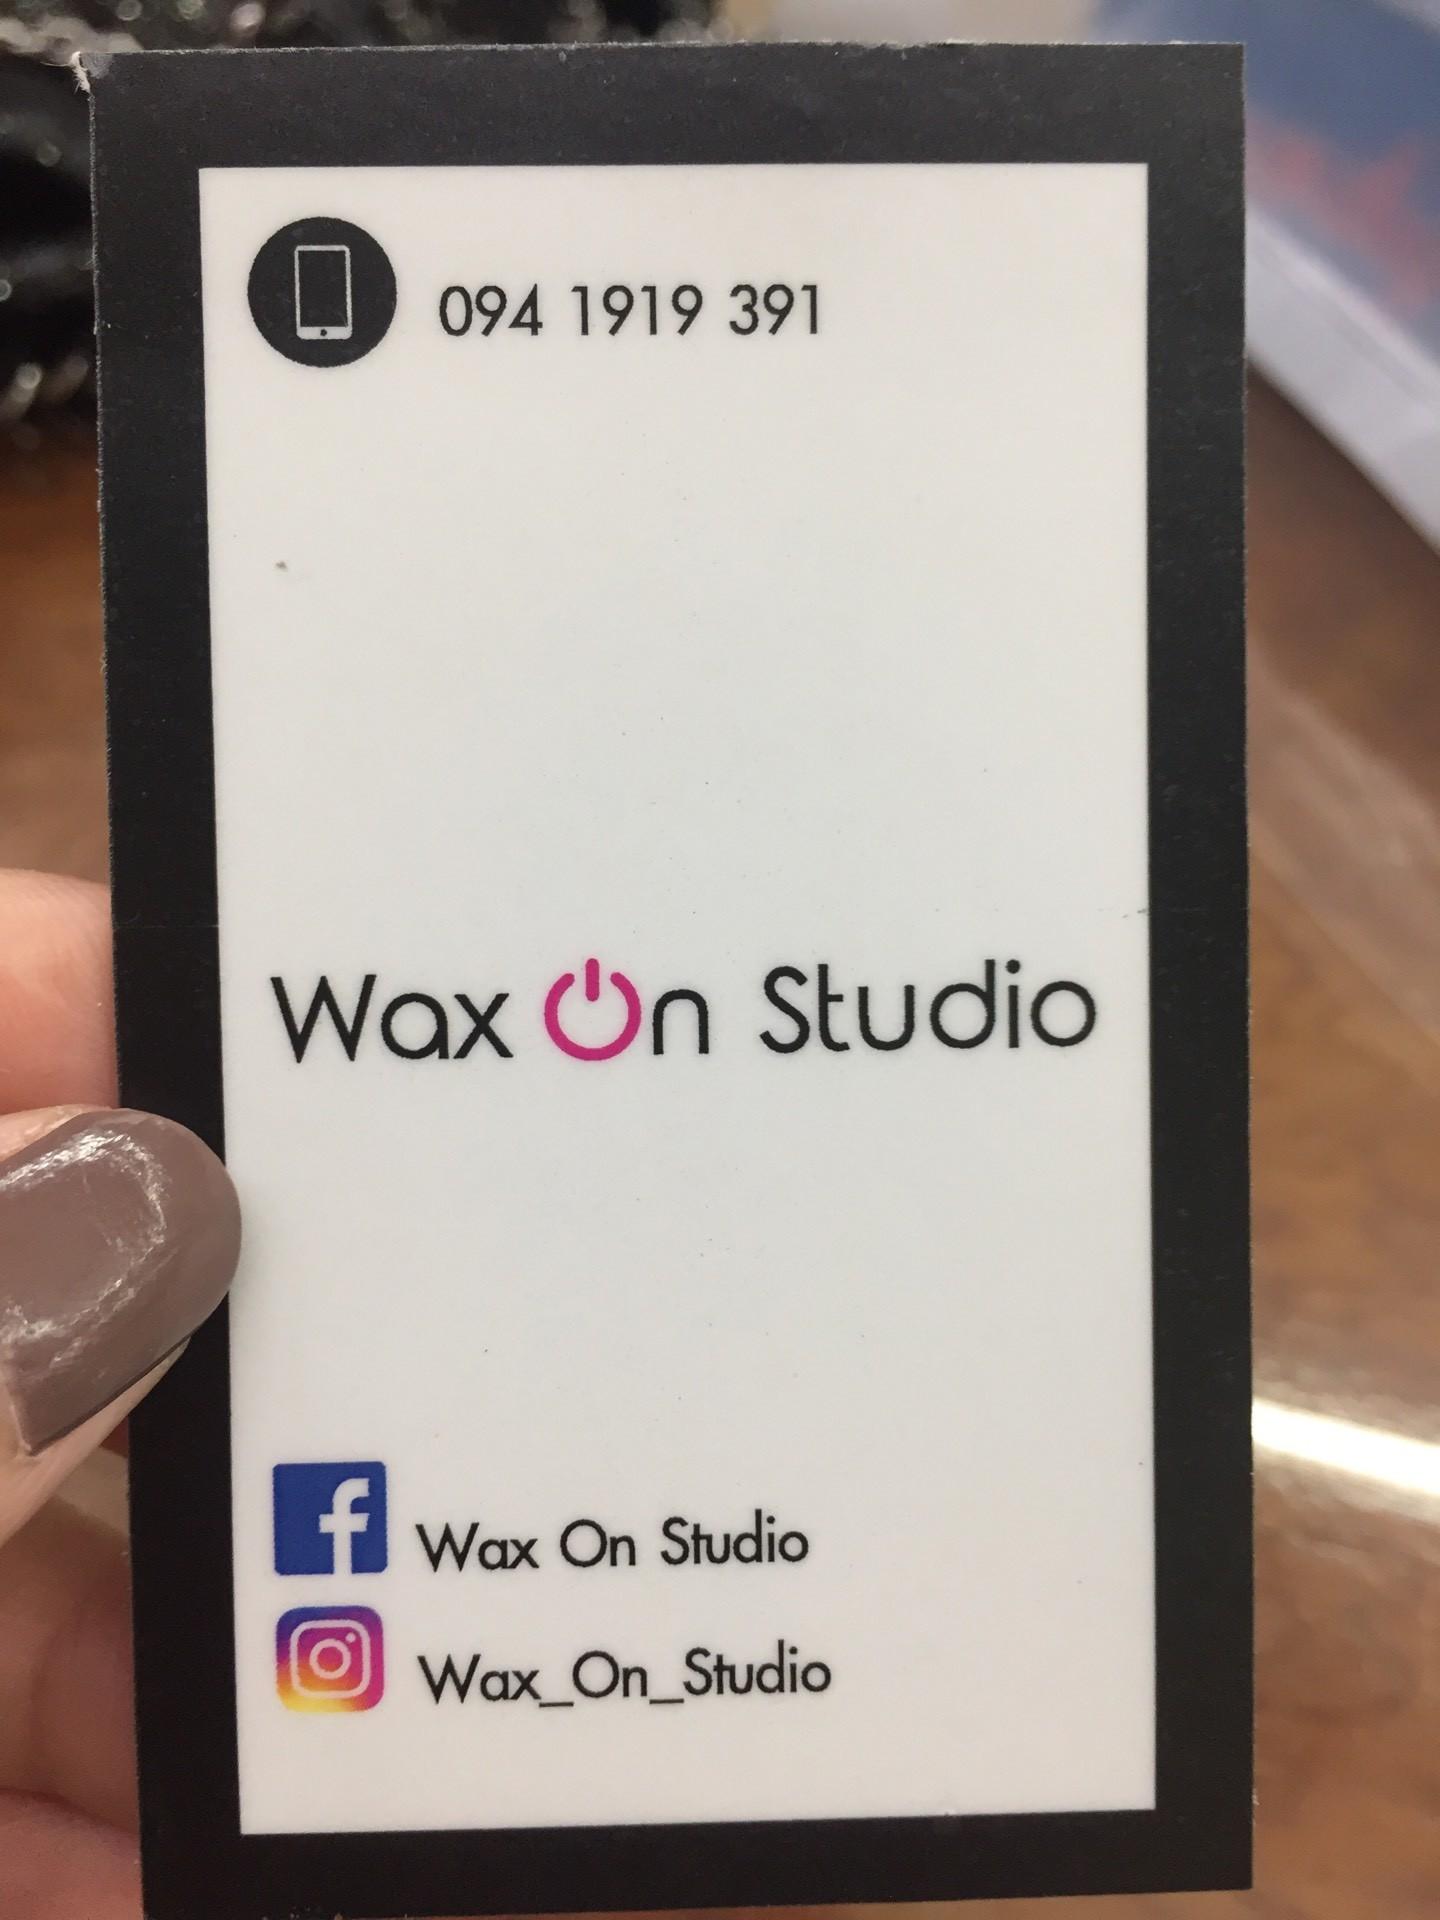 ป้ายราคาหรือสมุดเมนู • ติดต่อเลยคะ เลิศแน่นอน ที่ ร้าน Wax On Studio สุขุมวิท 26